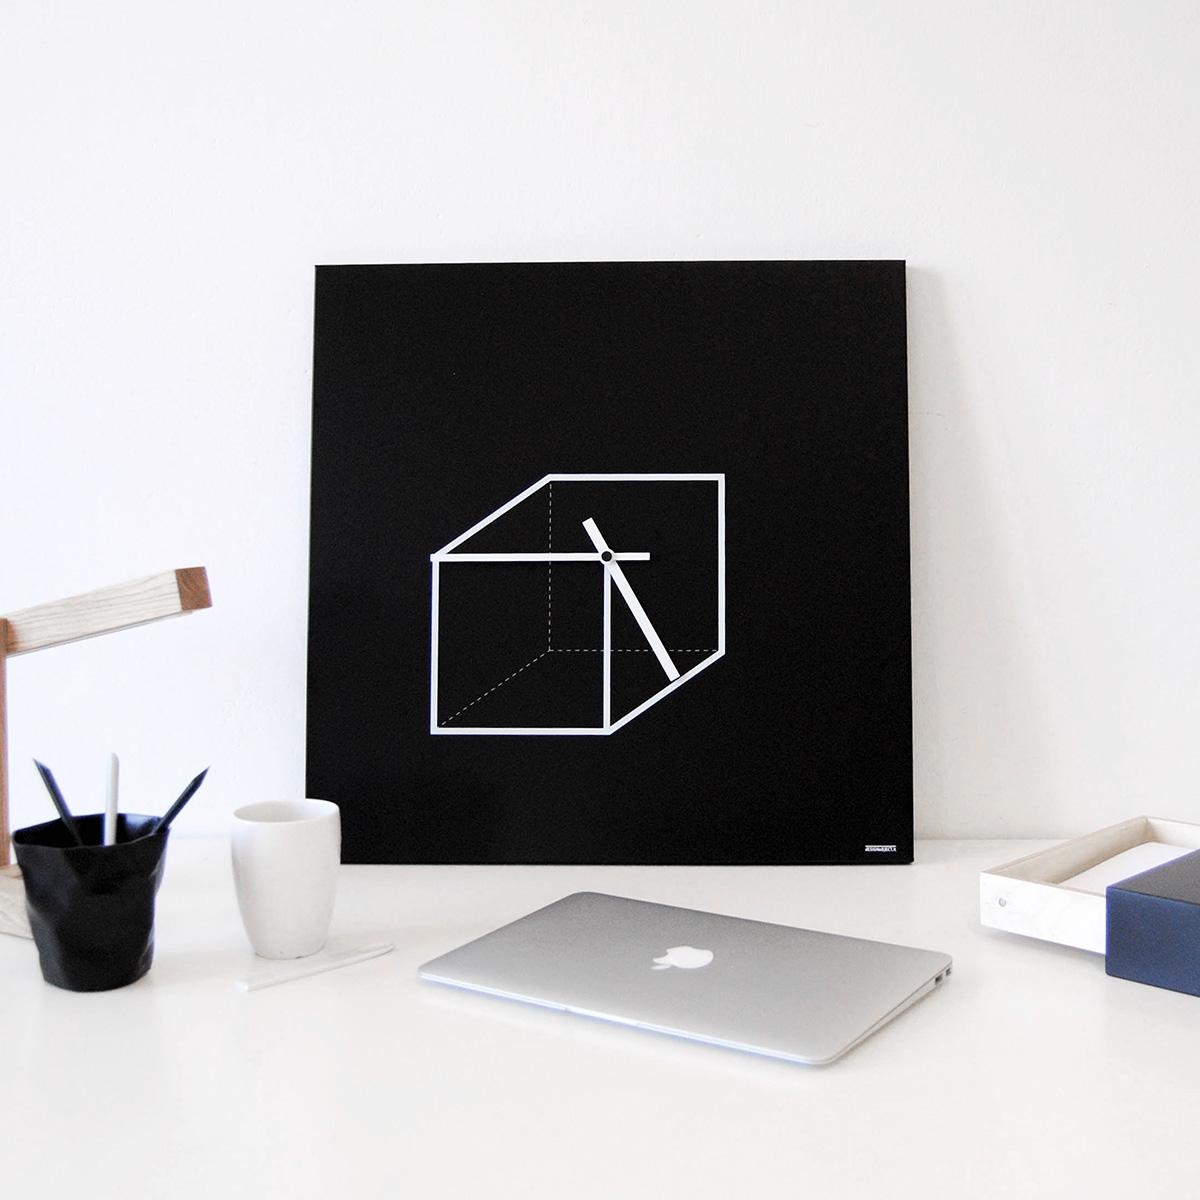 oroloigo-parete-design-wall-clock-geometric-cube